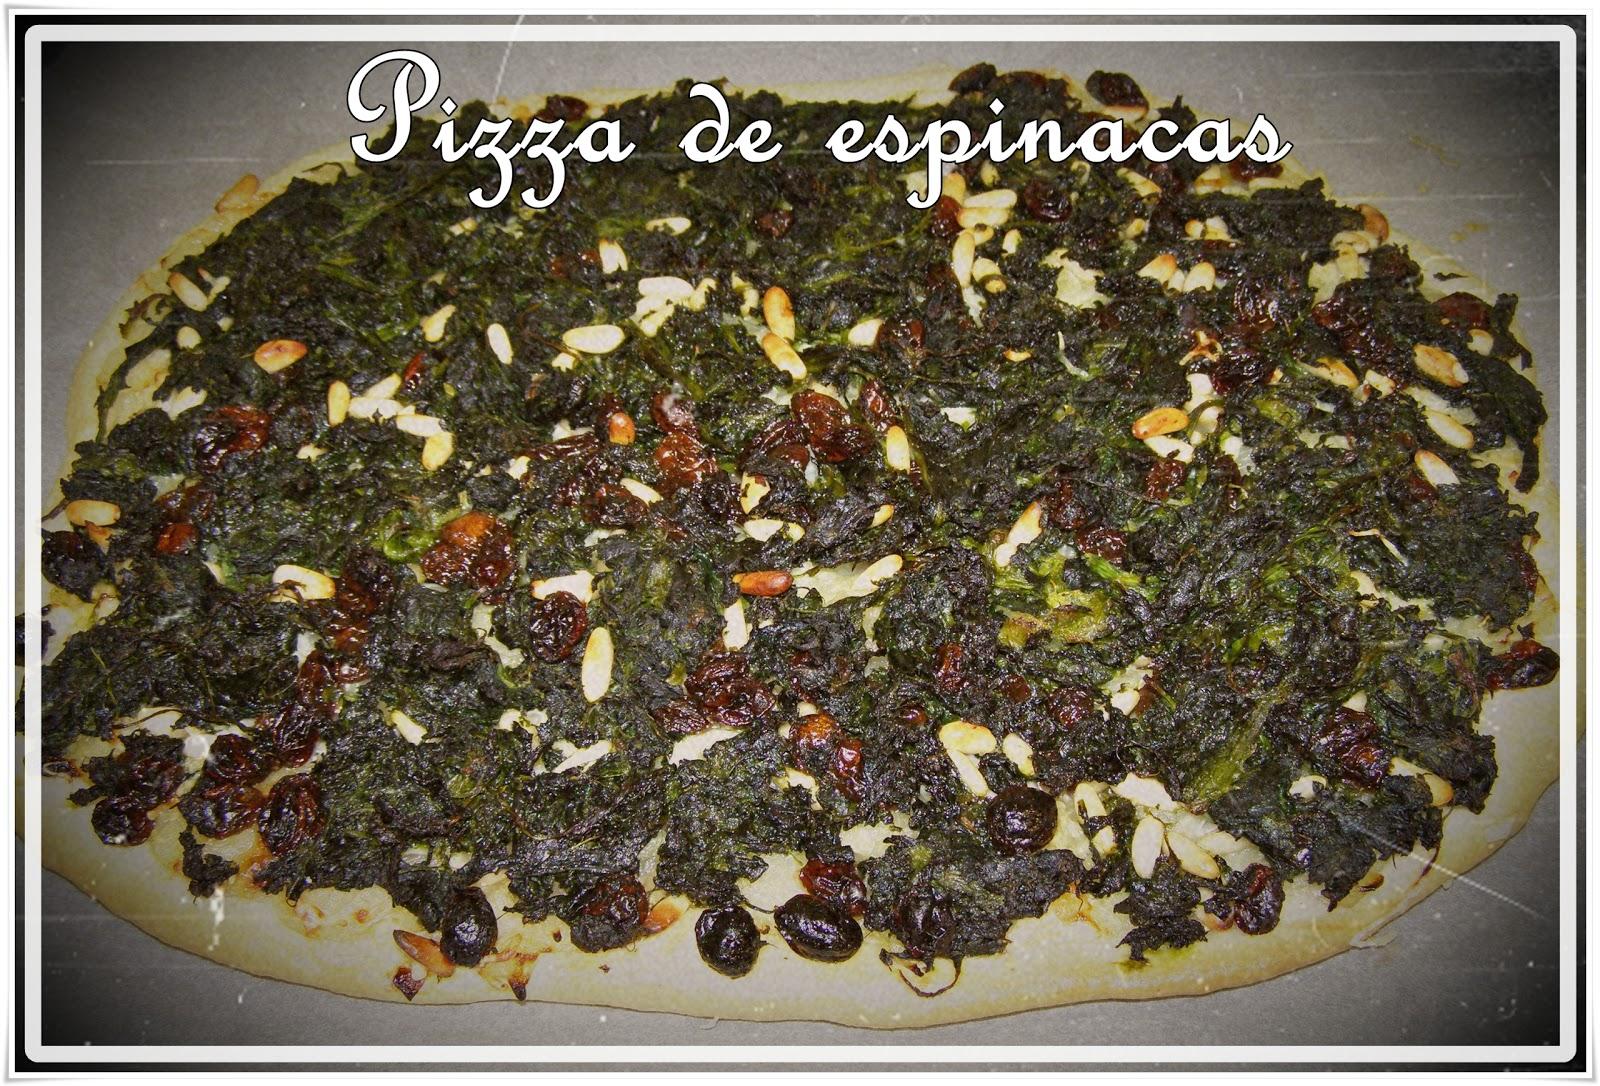 Endulzando la vida entras pizza de espinacas for Espinacas como cocinarlas